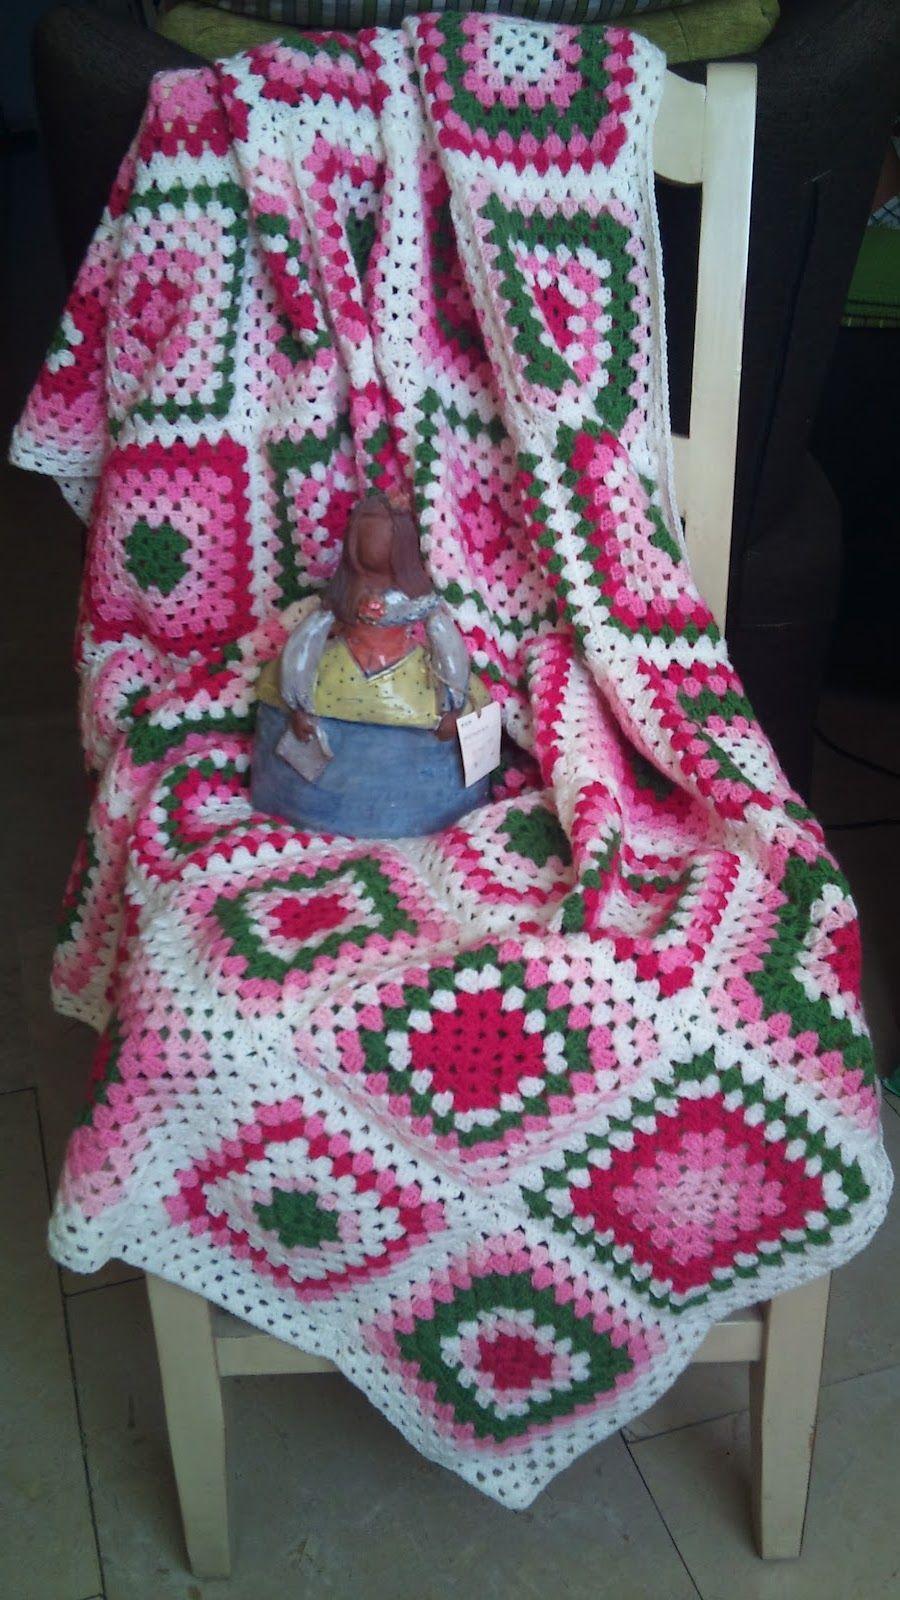 El Acerico de Ana: Crochet | Loca por el Crochet | Pinterest ...